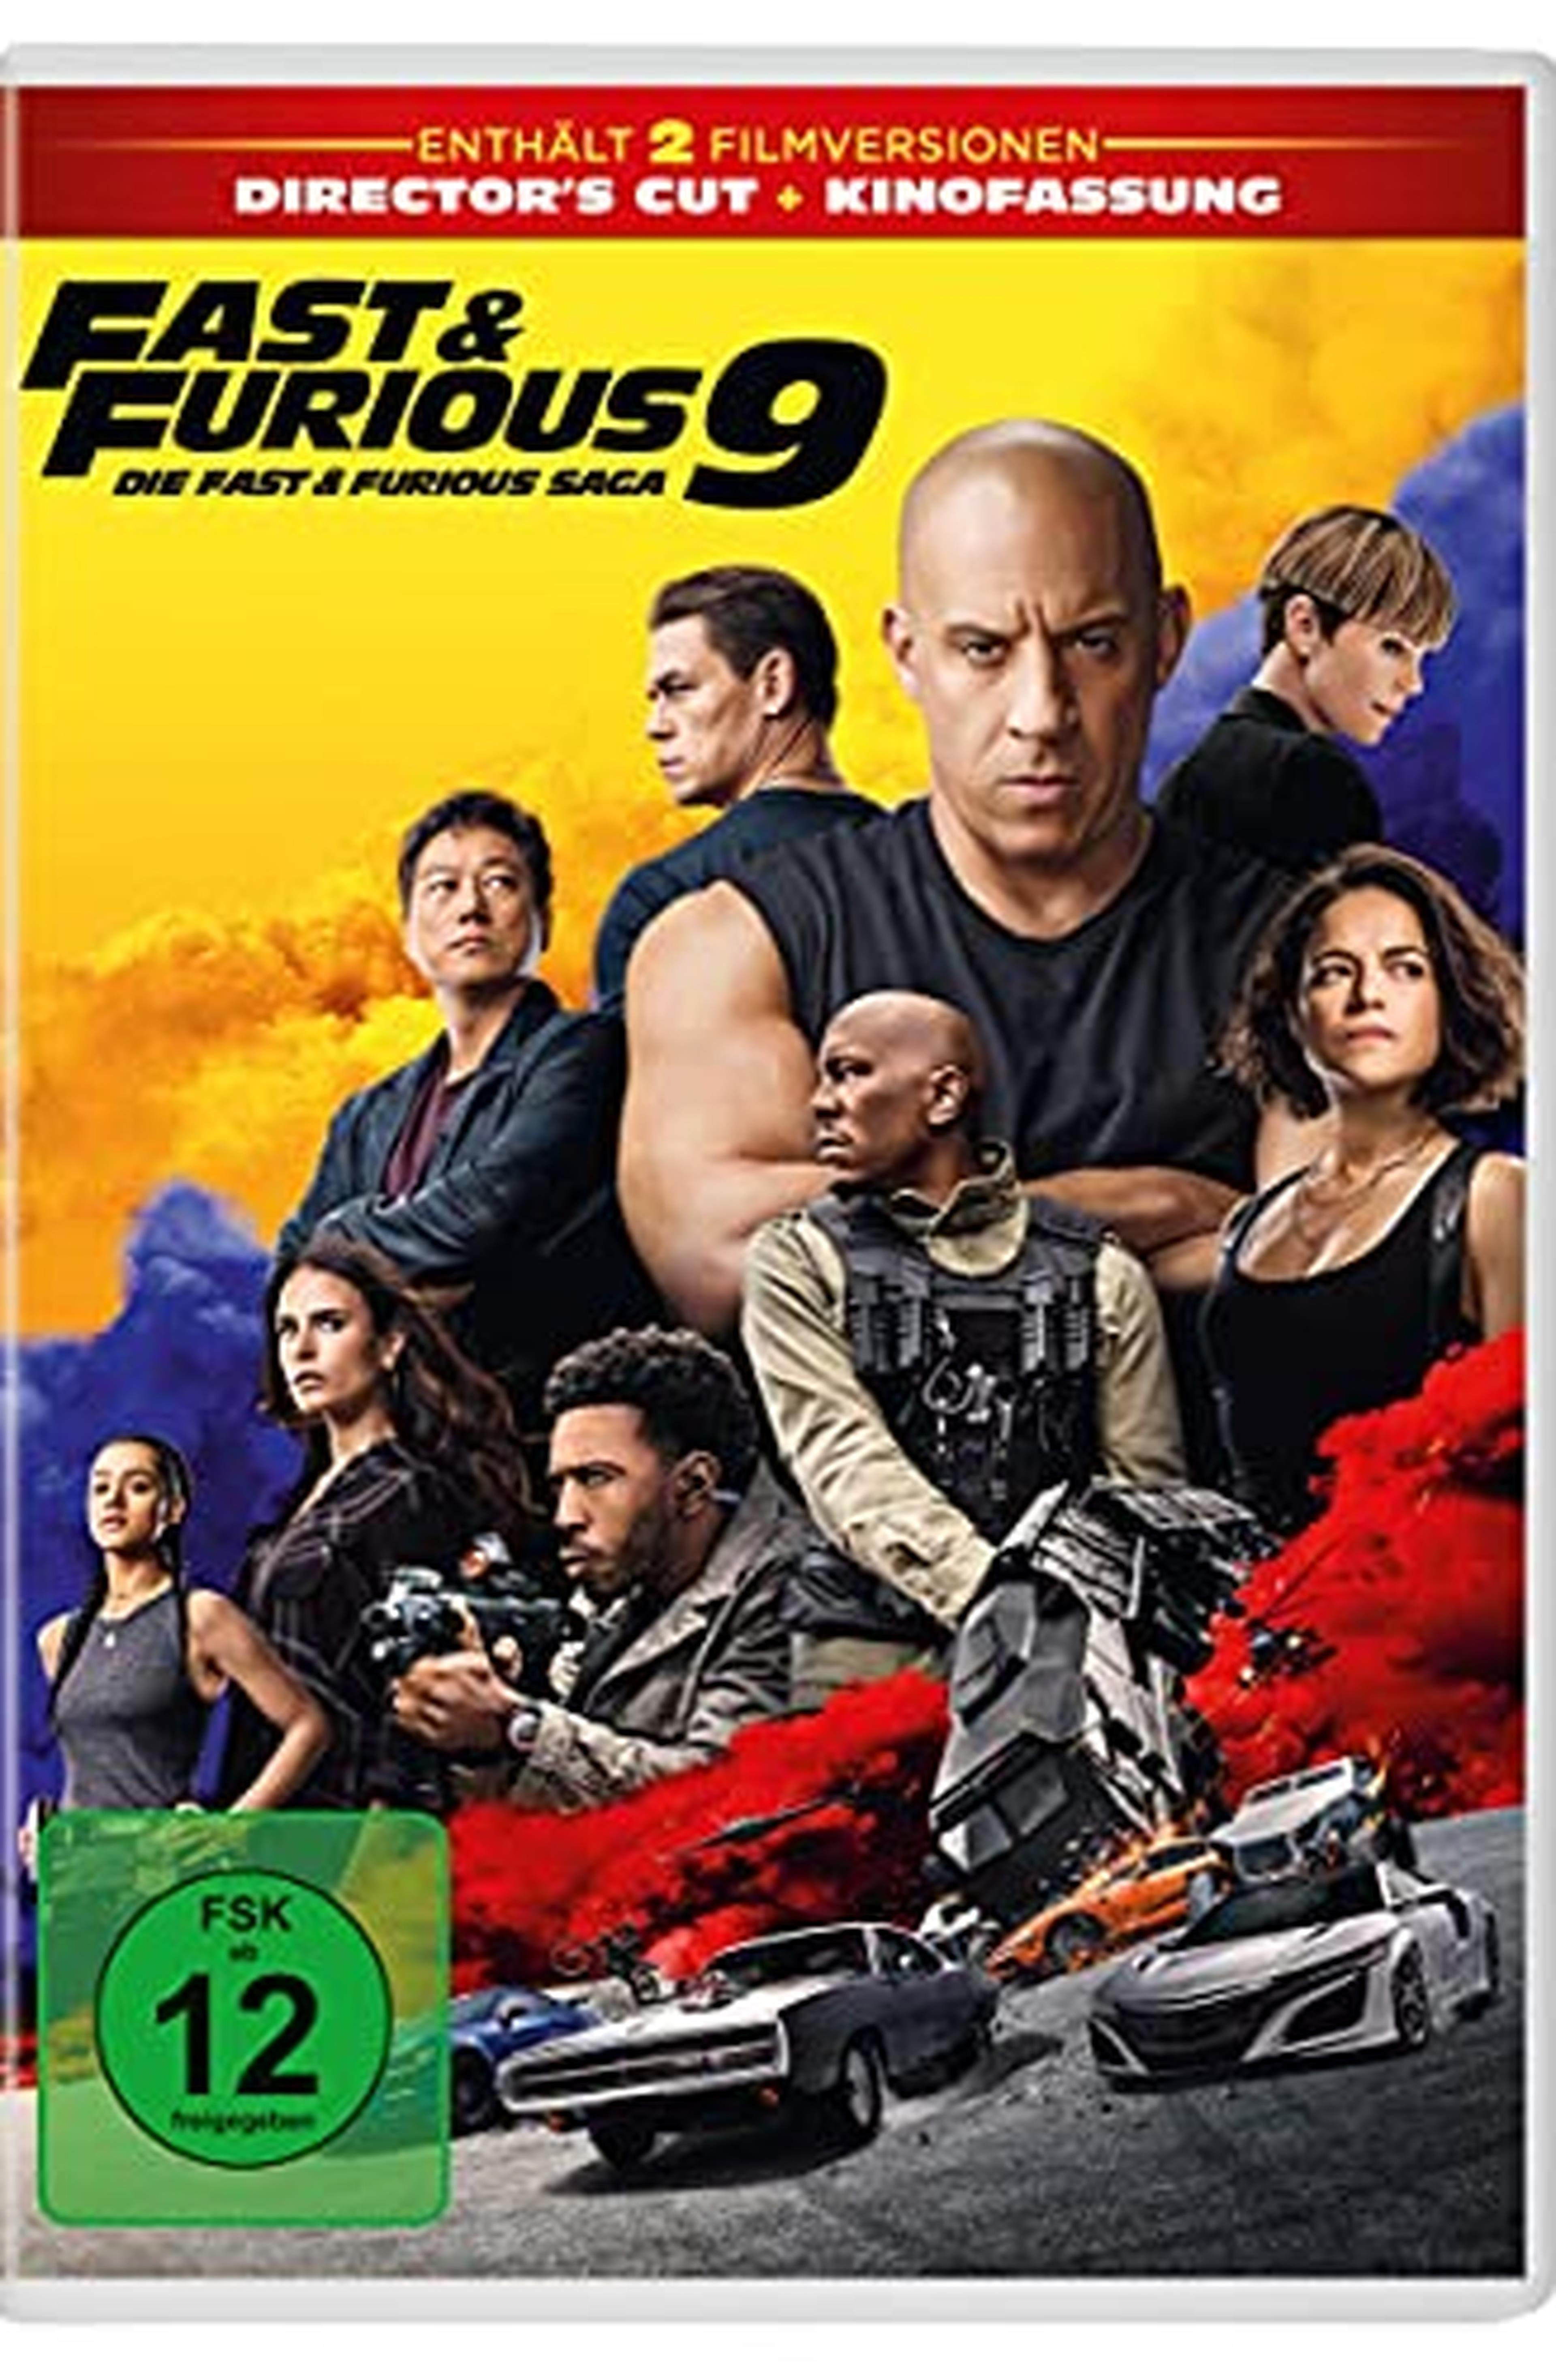 Fast & Furious 9 - Die Fast & Furious Saga